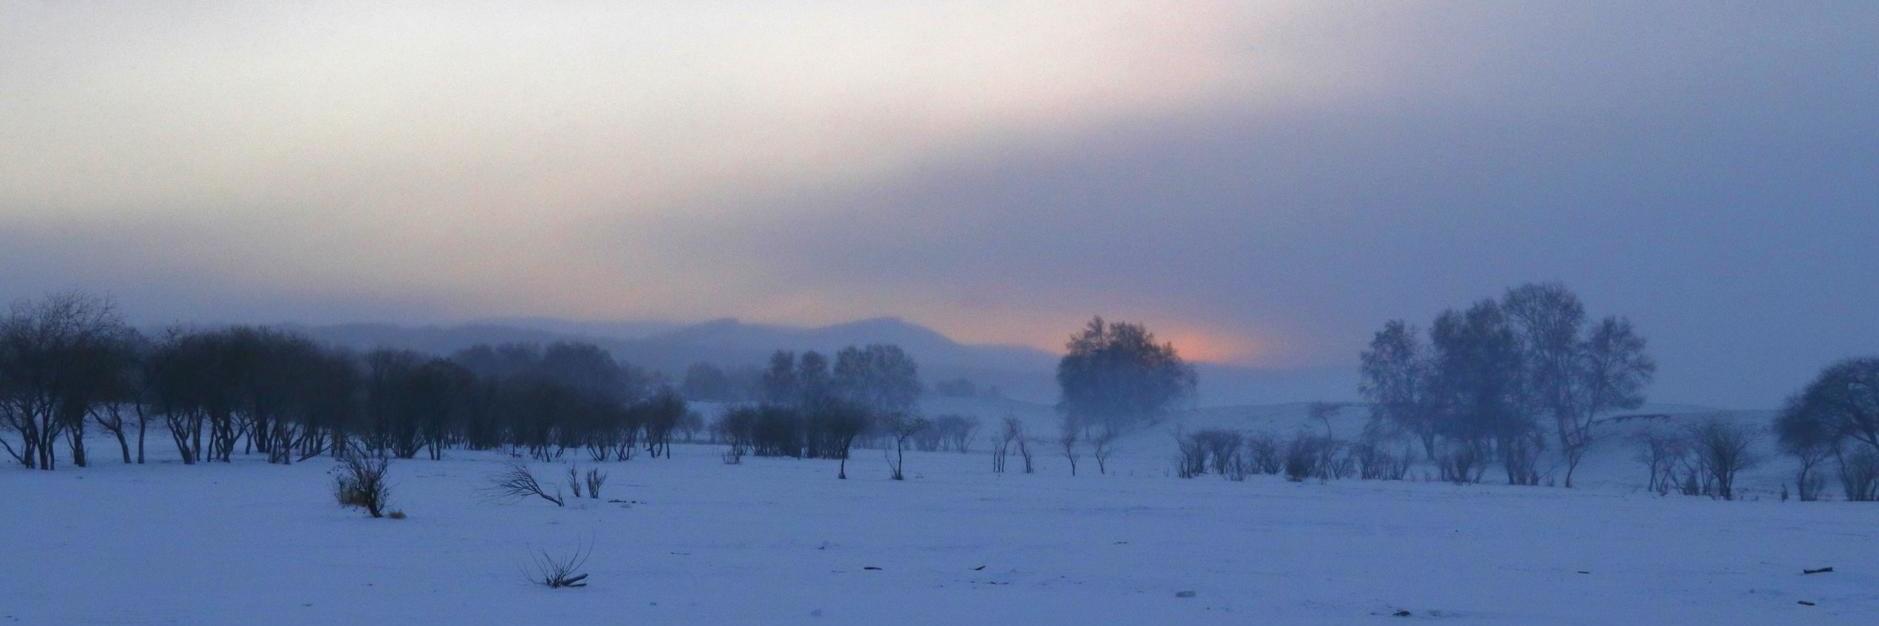 一起來冬季壩上草原,領略冬季的草原風光,跟我們一起跨年吧!